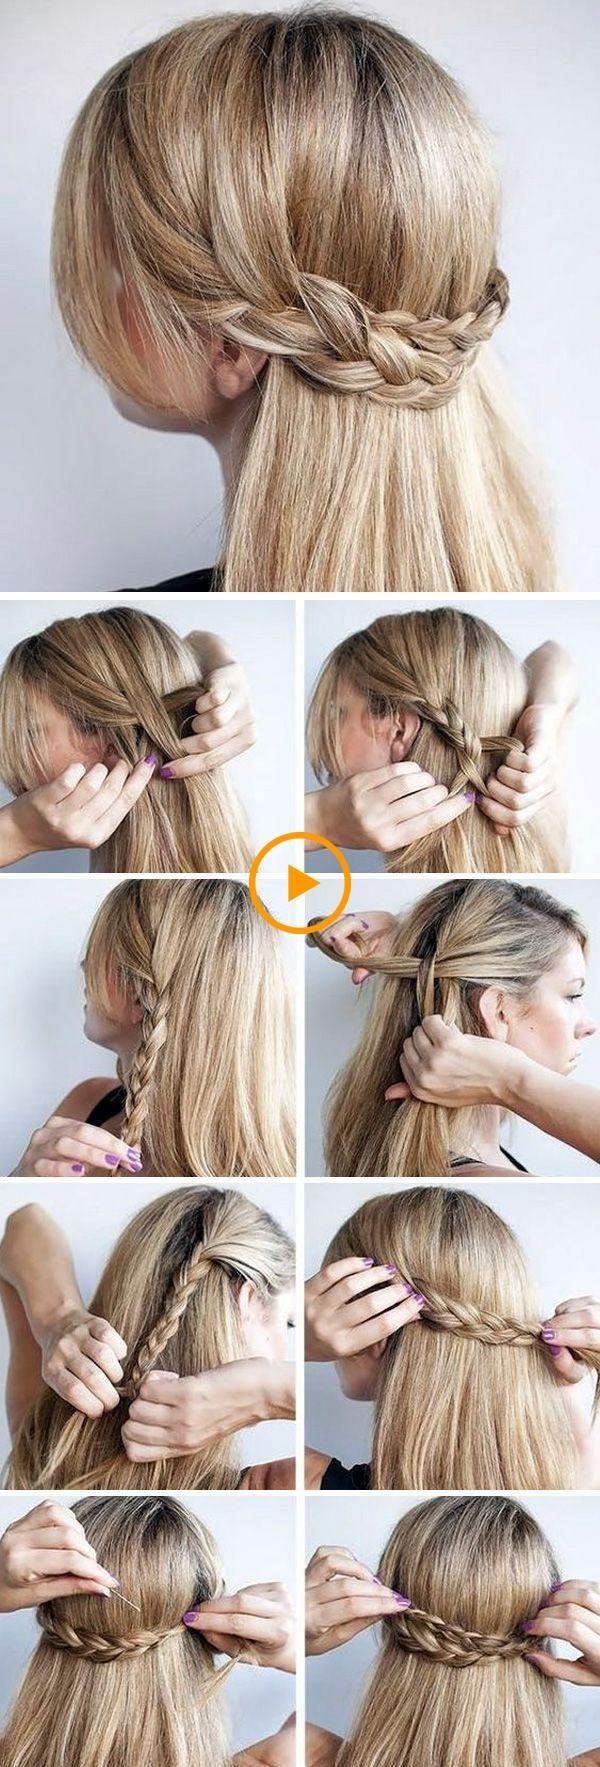 Paso a paso la construcción del peinado trenzado #frisur #frisuren #gefloch ….